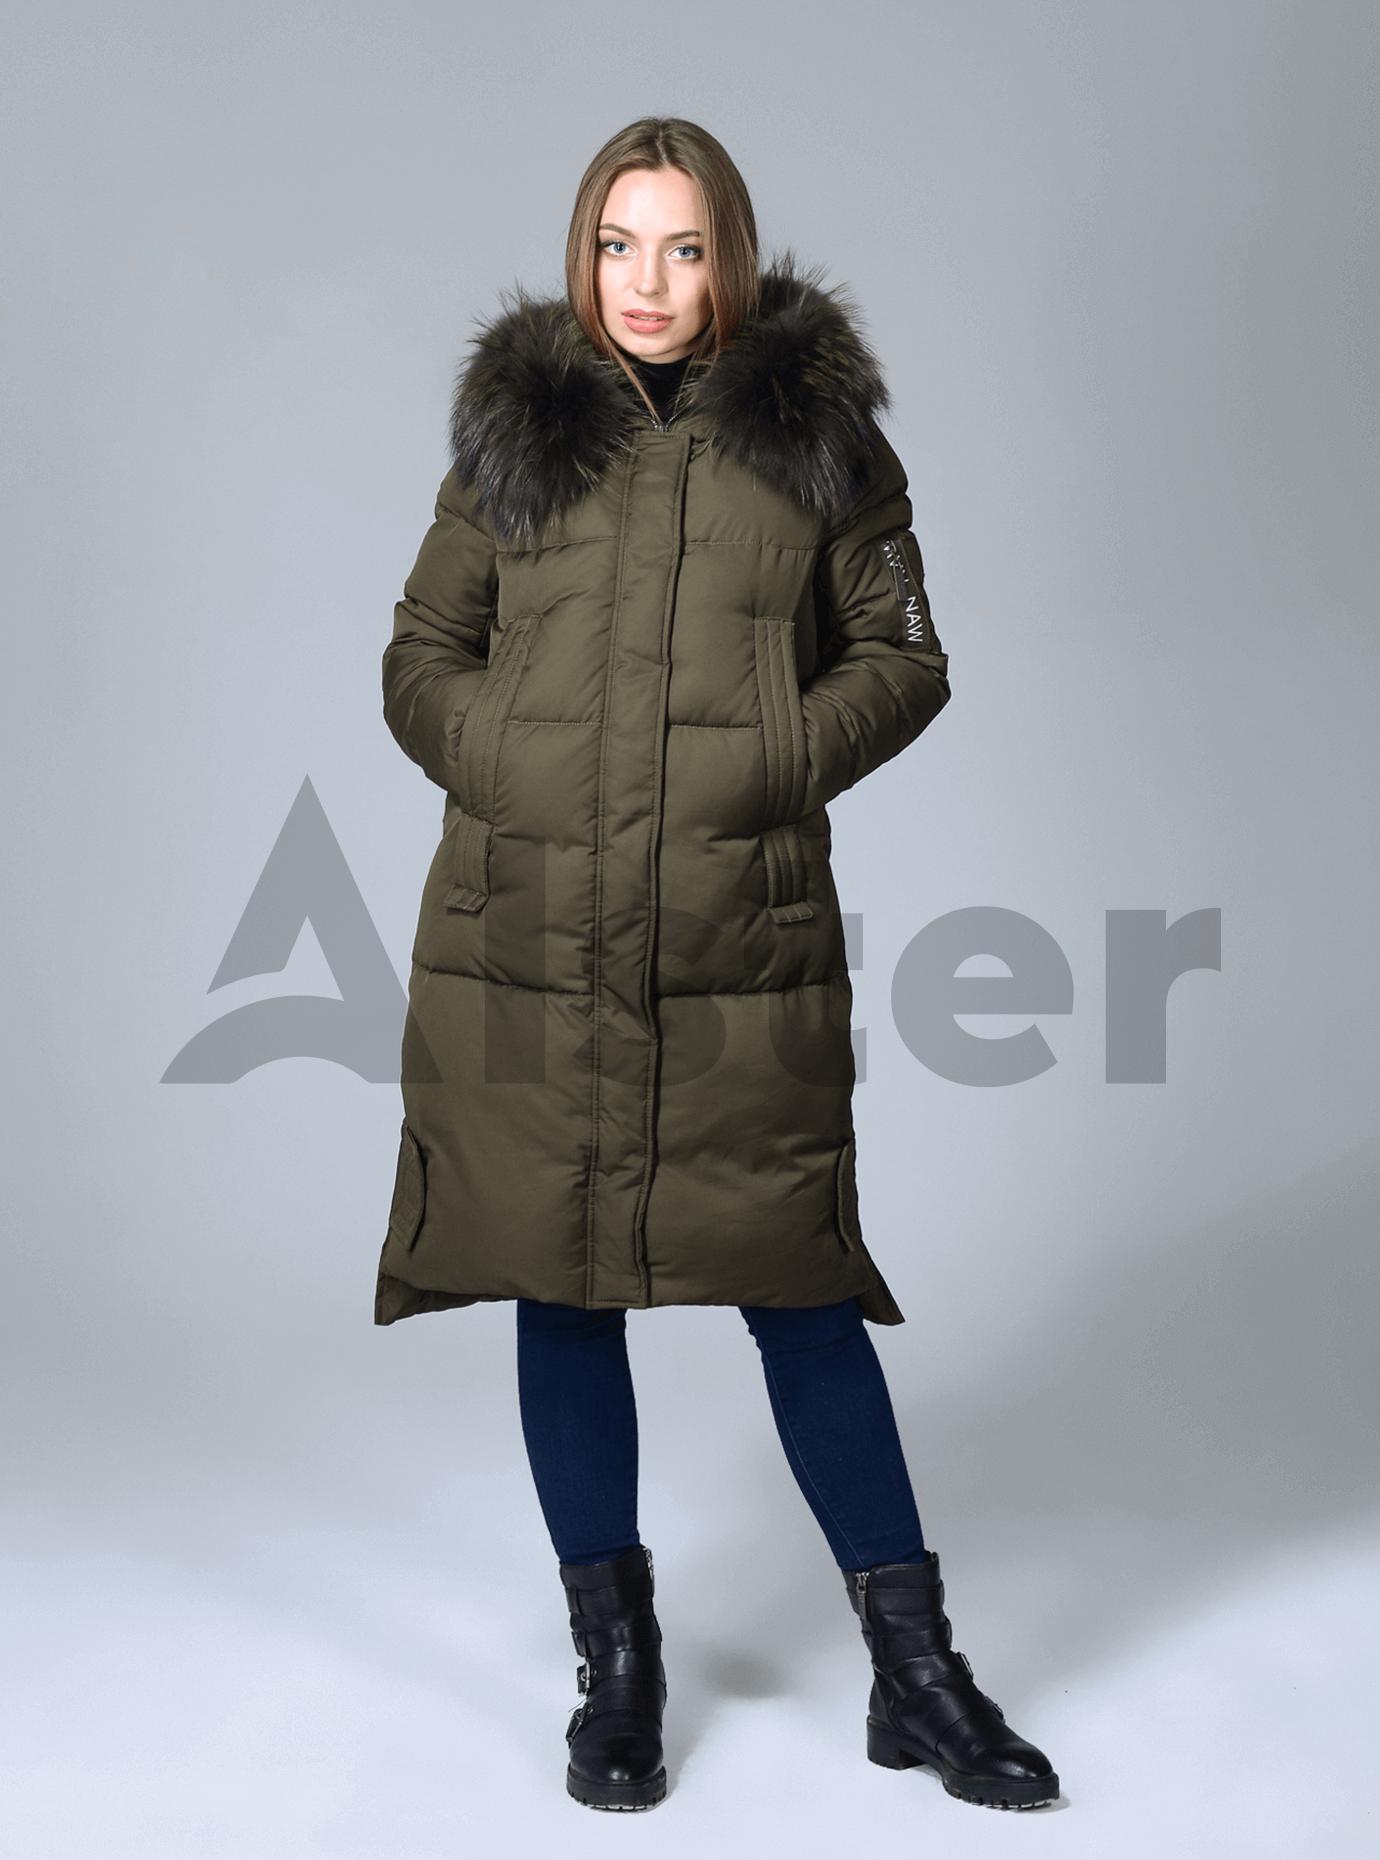 Куртка зимняя женская длинная Хаки S (02-CR170185): фото - Alster.ua